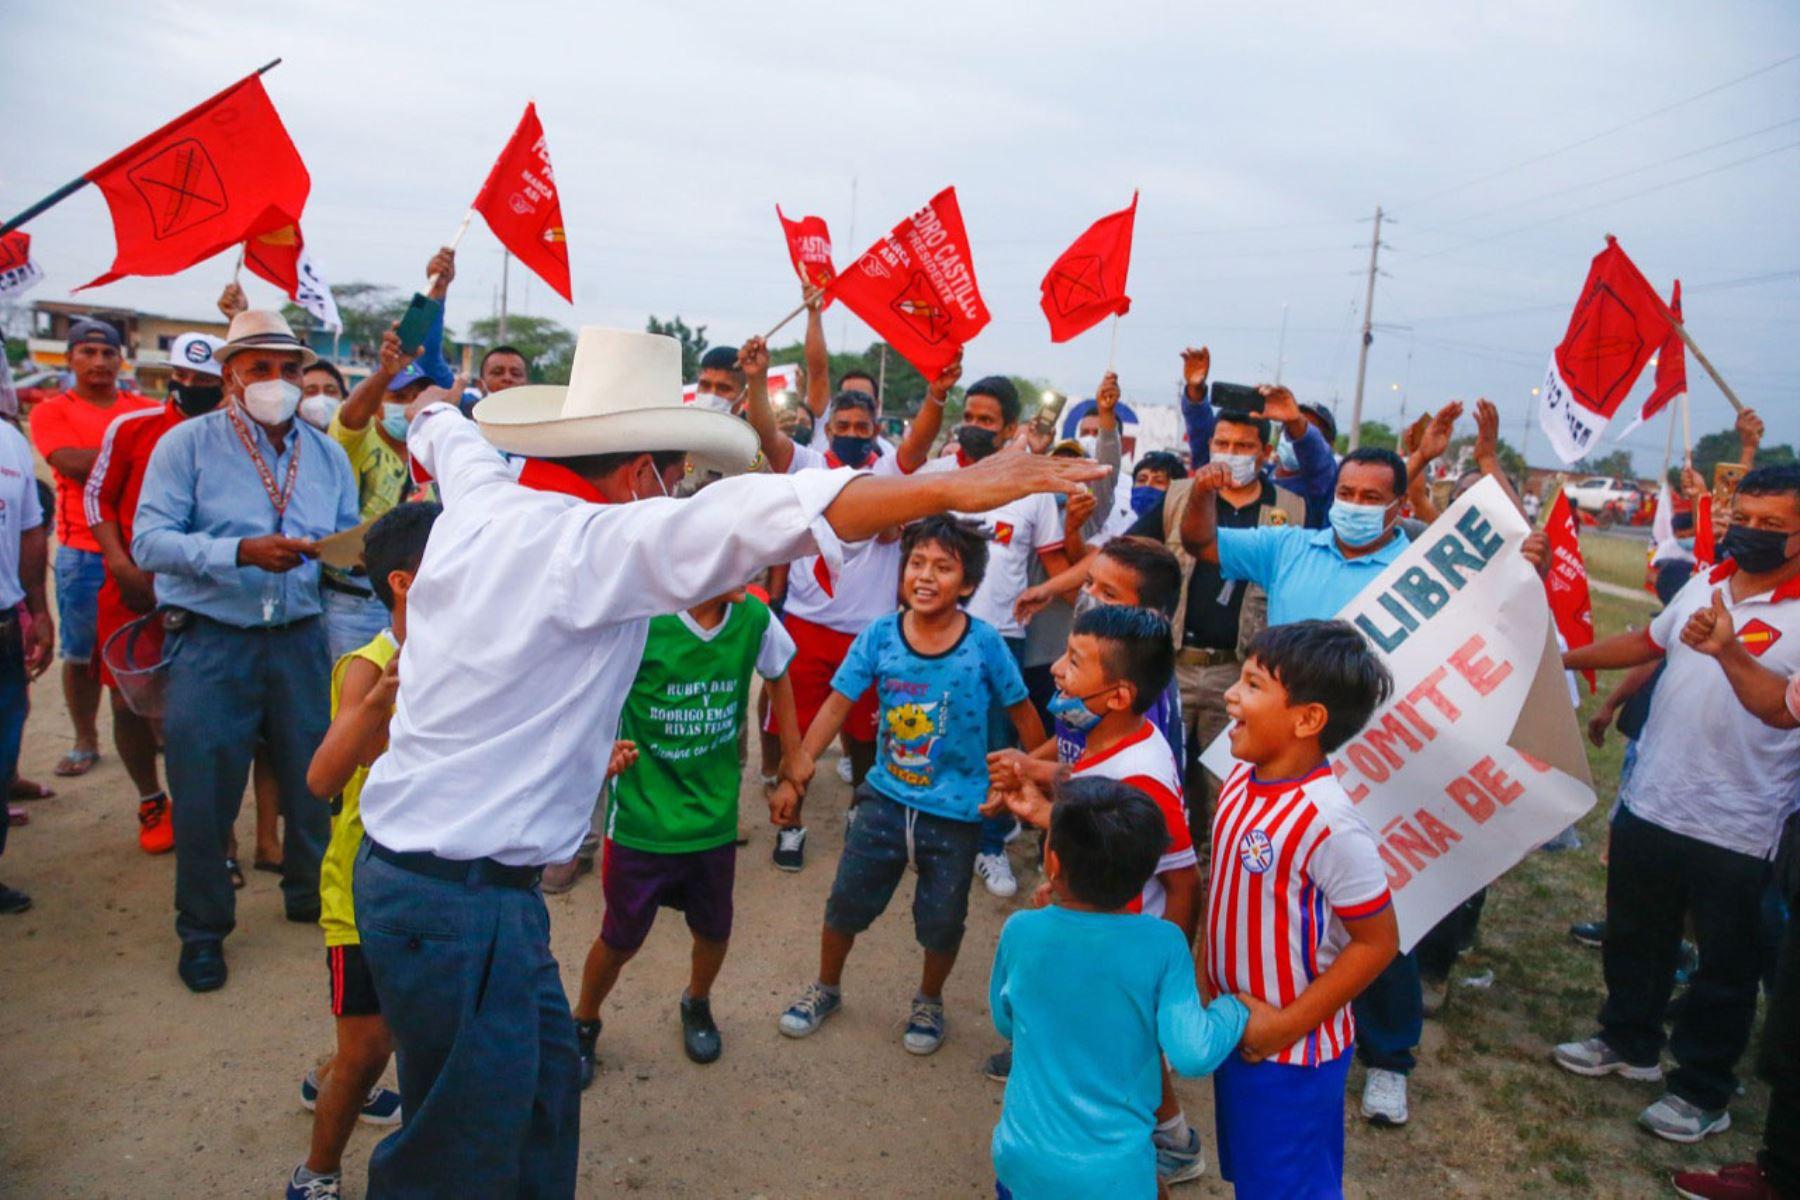 Candidato a la presidencia, Pedro Castillo participa en caravana junto a simpatizantes en la región de Tumbes.  Foto: ANDINA/Andrés Valle  Foto: ANDINA/Andrés Valle